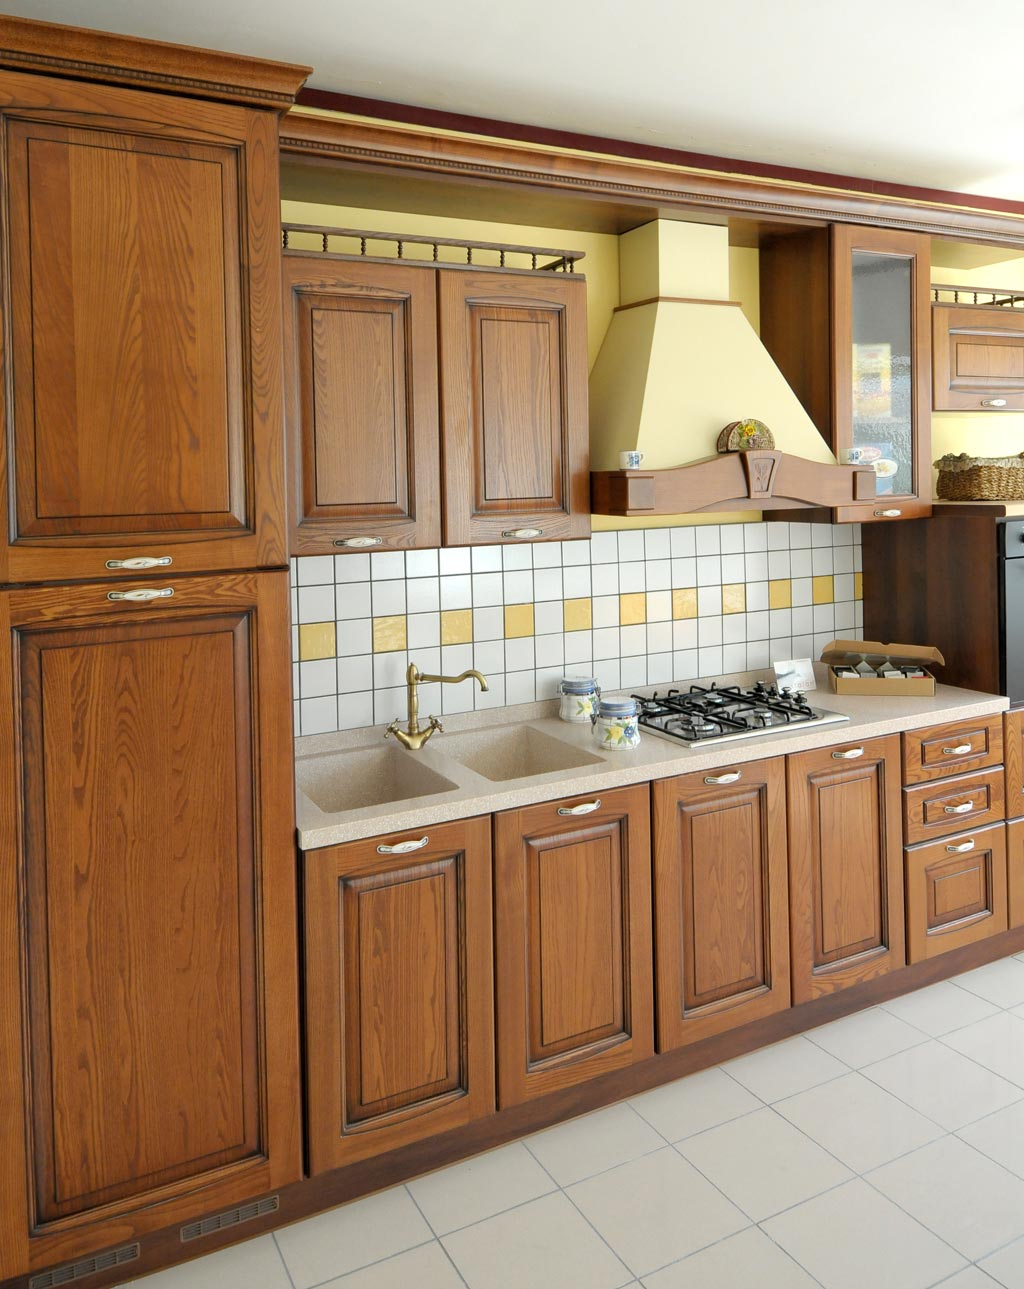 Классический кухонный гарнитур из натурального дерева